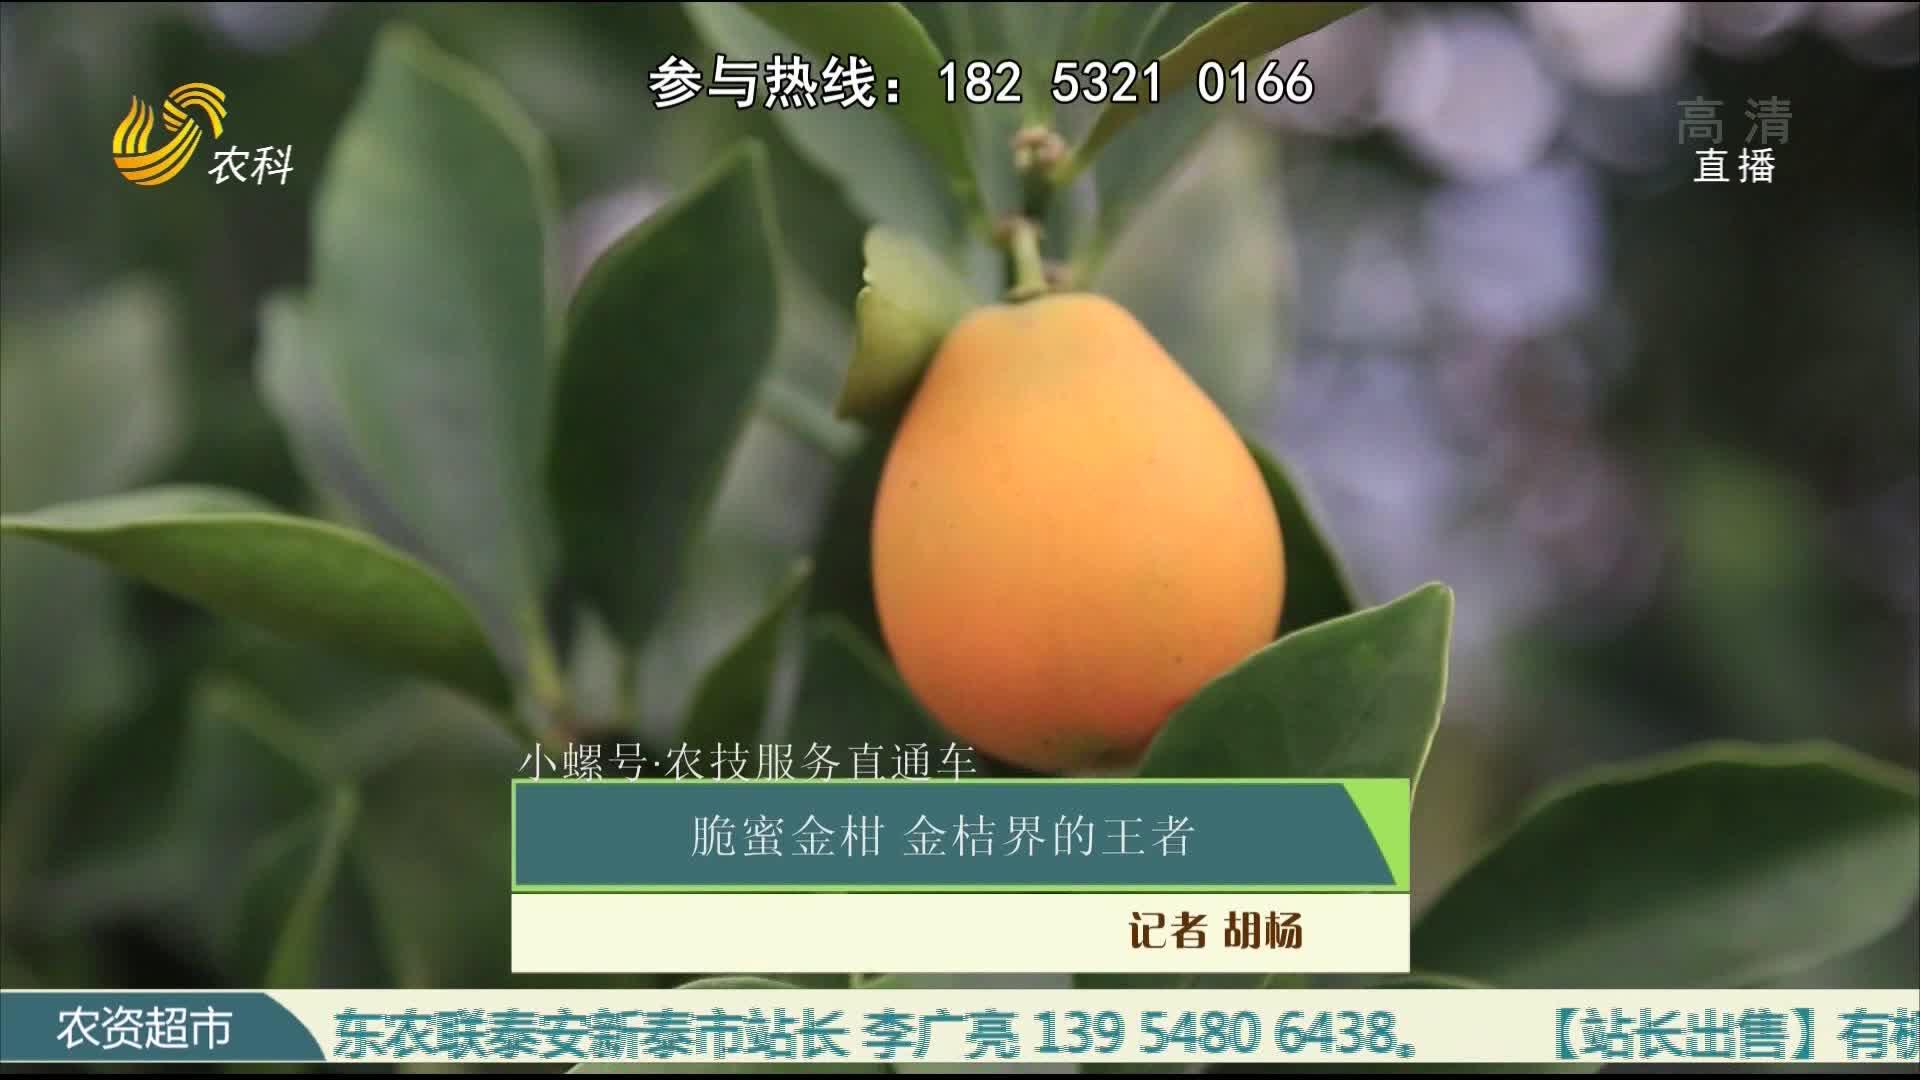 【小螺号·农技服务直通车】脆蜜金柑 金桔界的王者